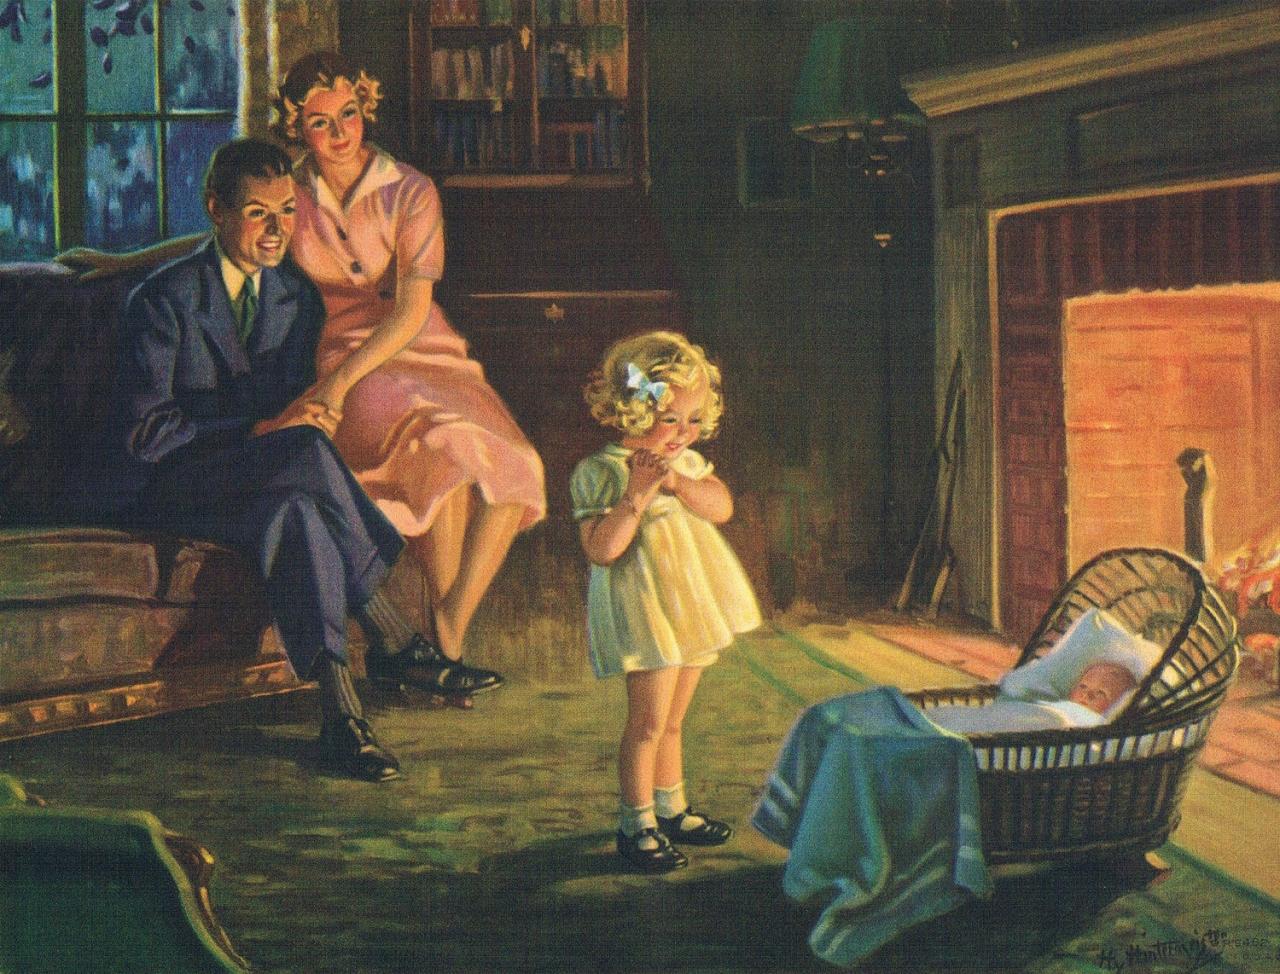 Хочу семью и детей, а как встретить нормального человека?